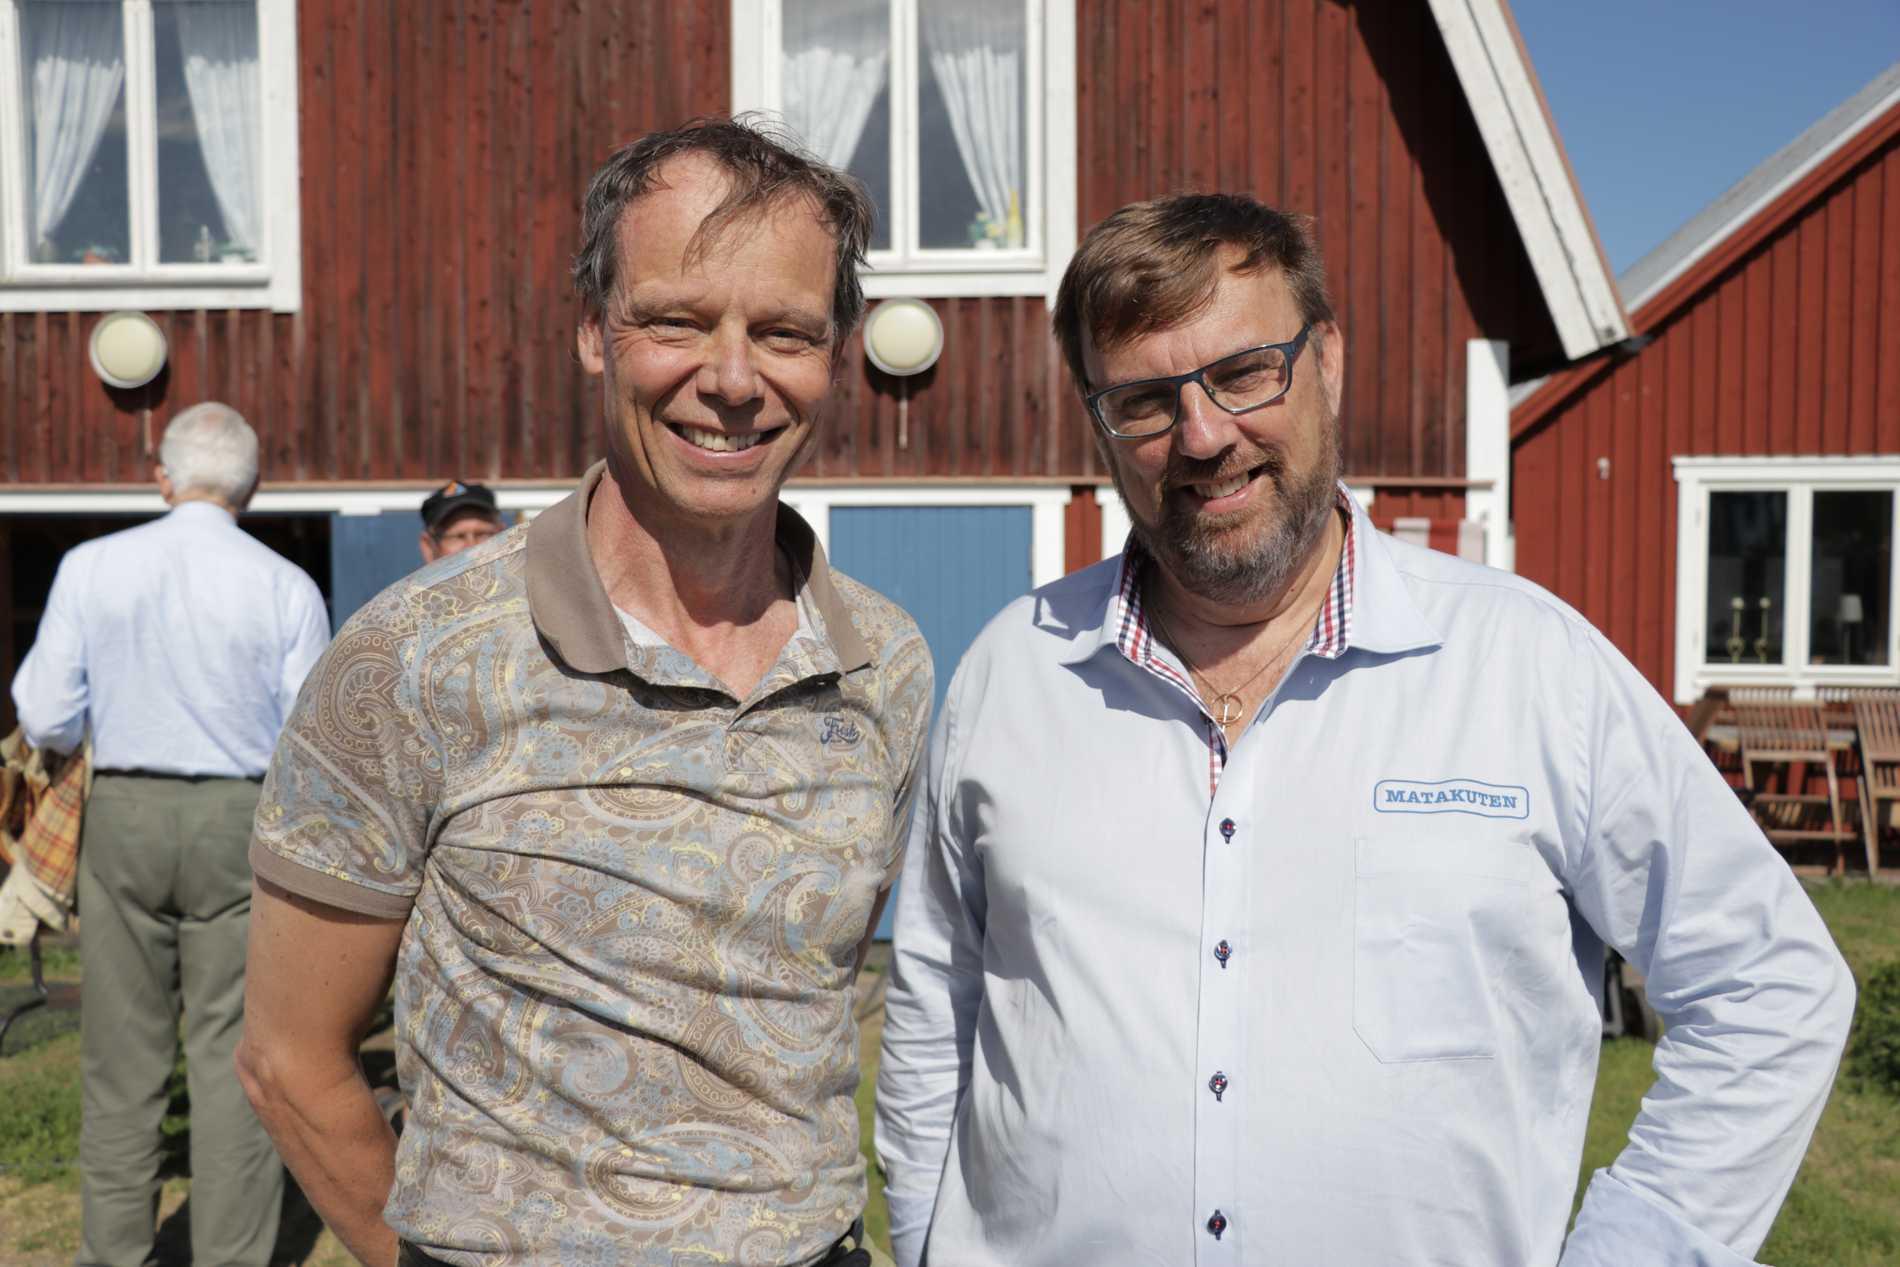 Också rymdfararen Christer Fuglesang var nyfiken på Lasses arbete.